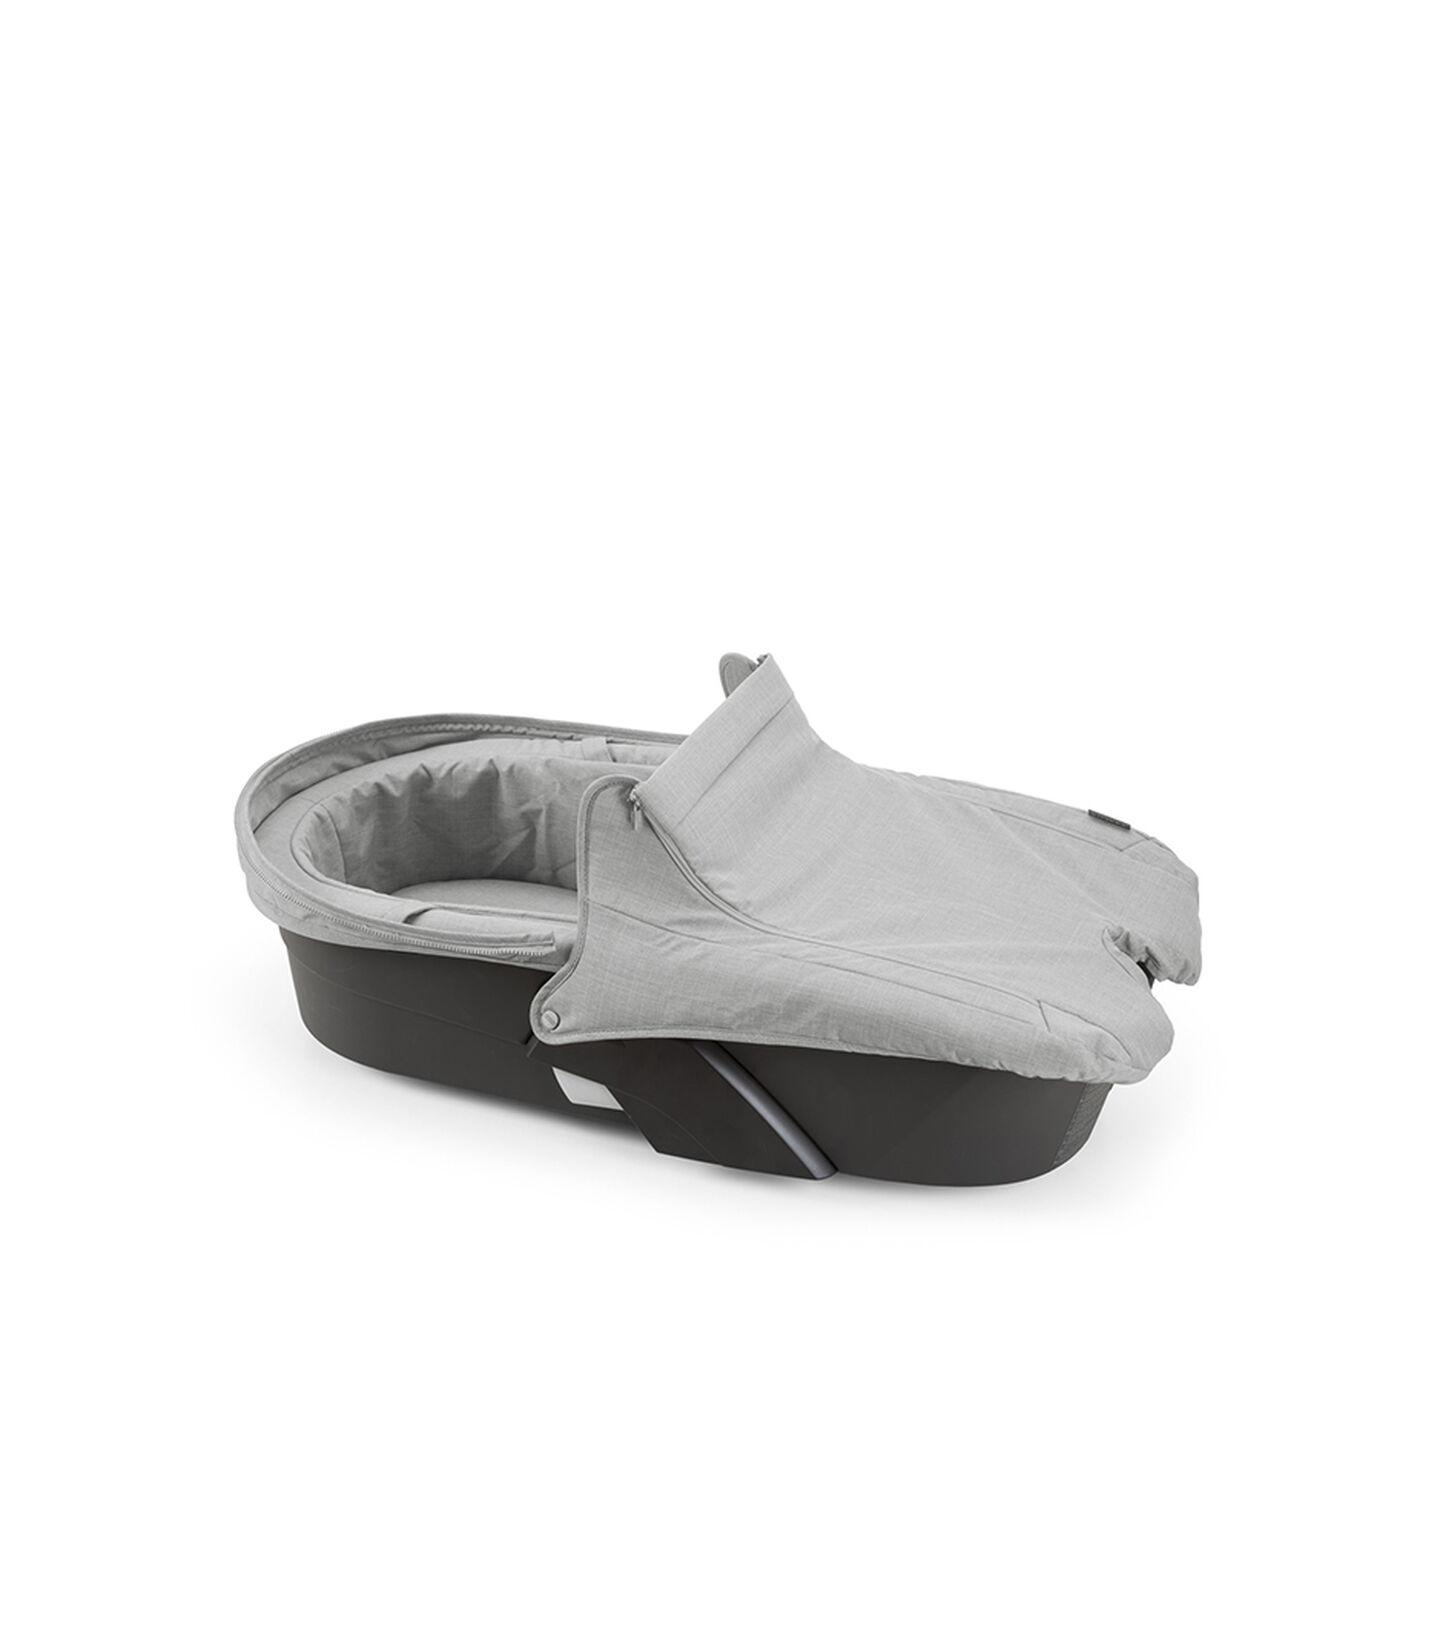 Stokke® Xplory® Carry Cot Cover Grey Melange, Gris mélange, mainview view 2